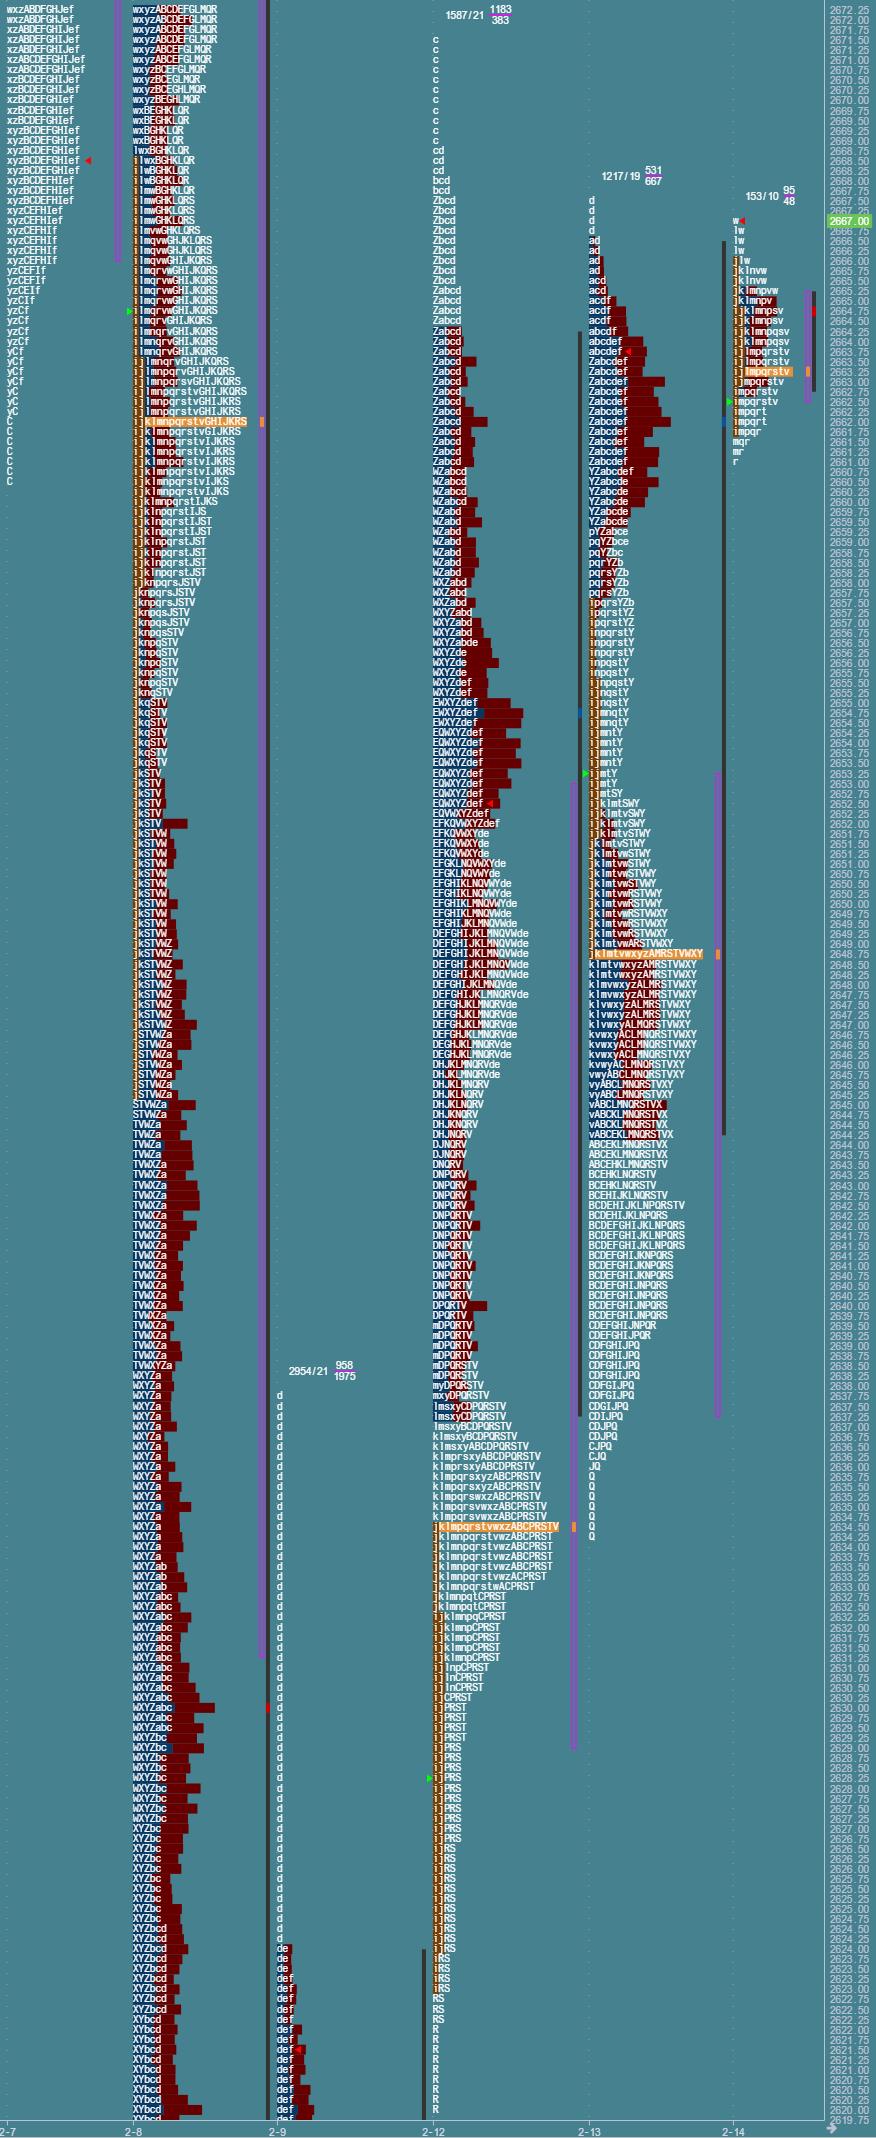 Przygotowane do sesji: market profile z 14 lutego